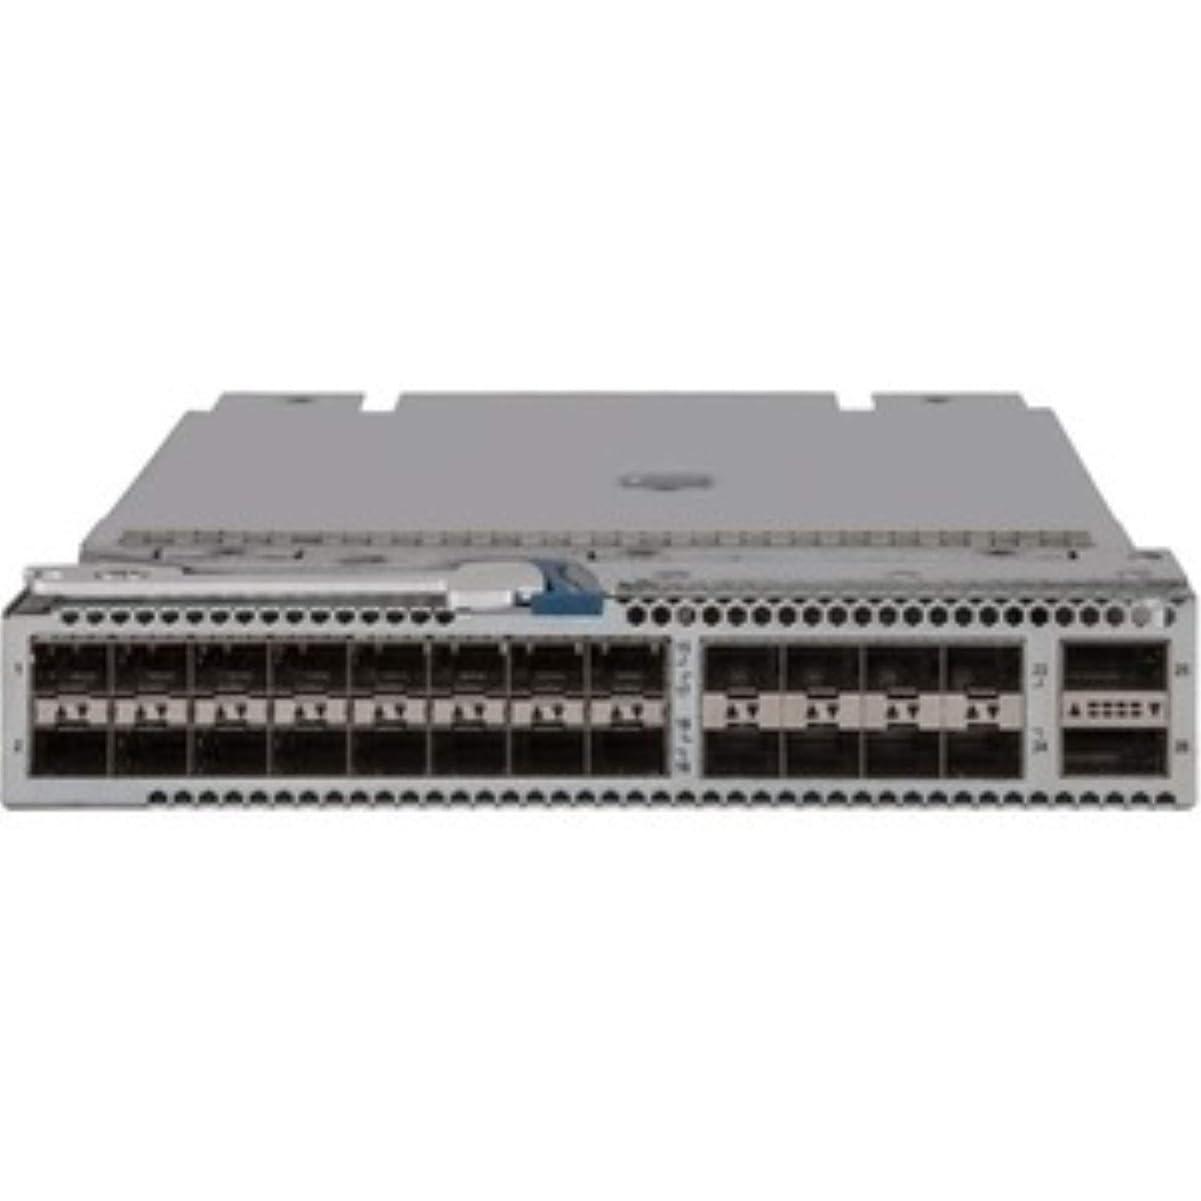 バナナ殉教者遠征日本ヒューレットパッカード 5930 24port SFP+ and 2port QSFP+ Module with MACsec JH181A